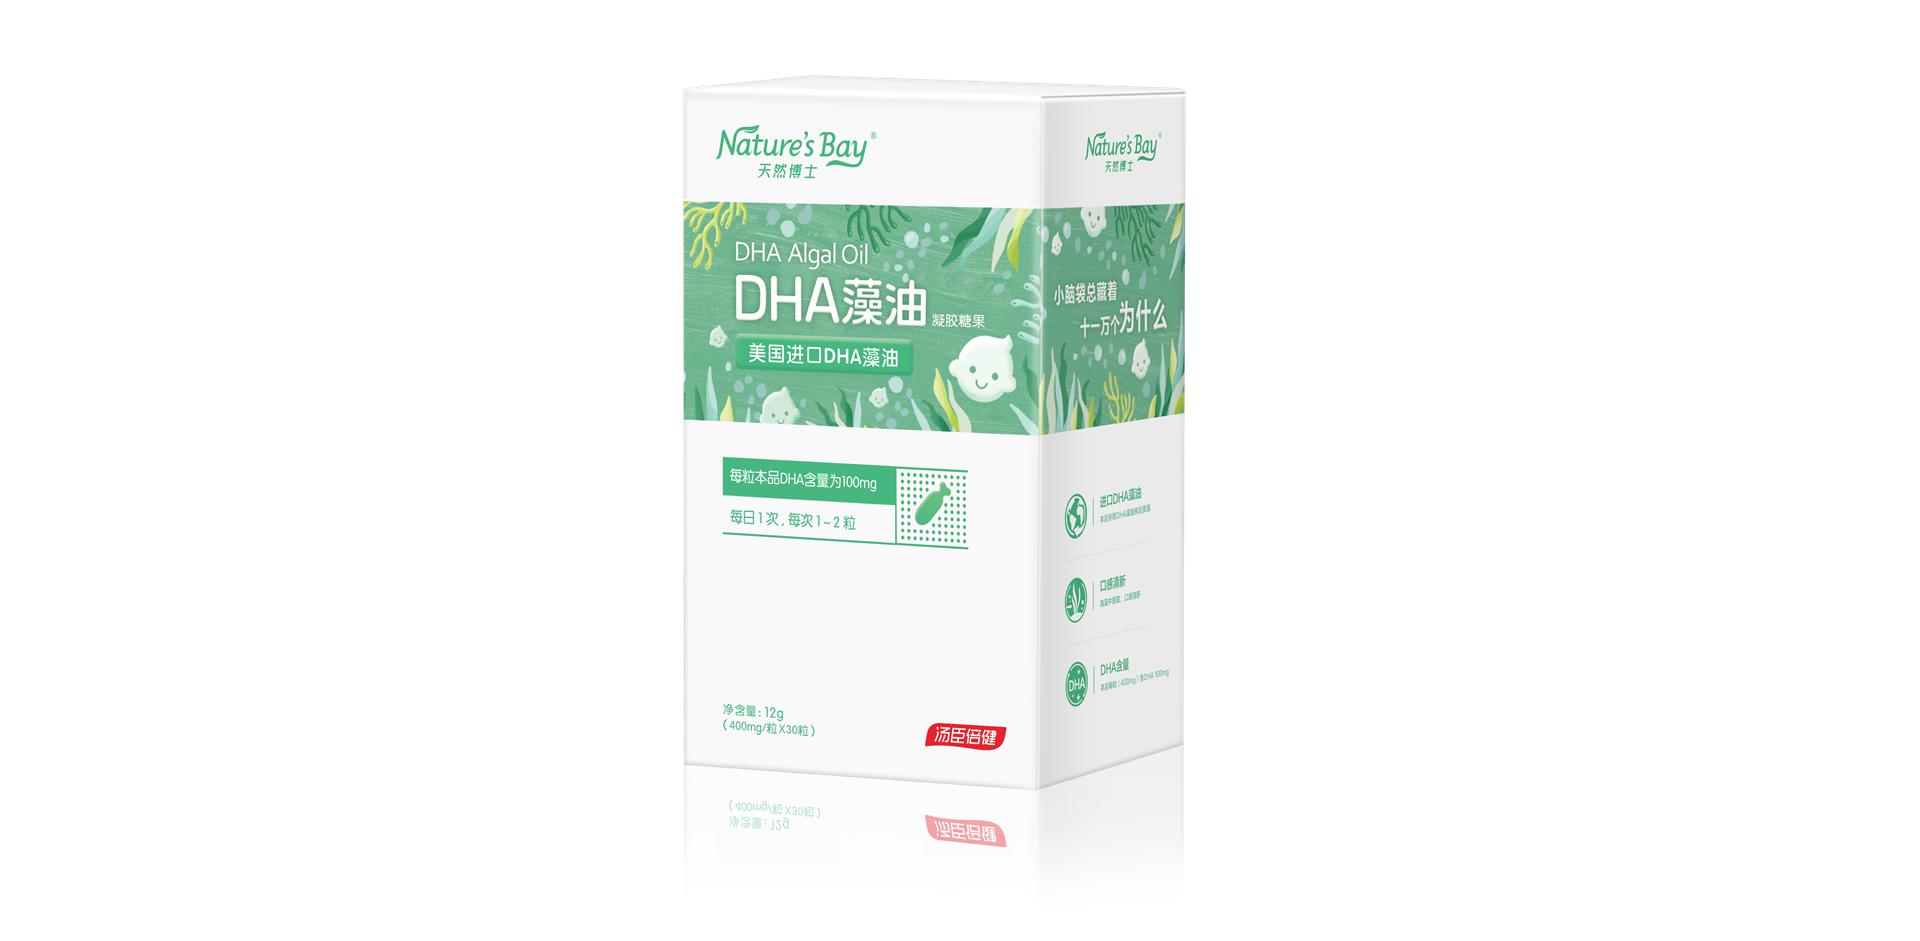 天然博士DHA藻油凝胶糖果